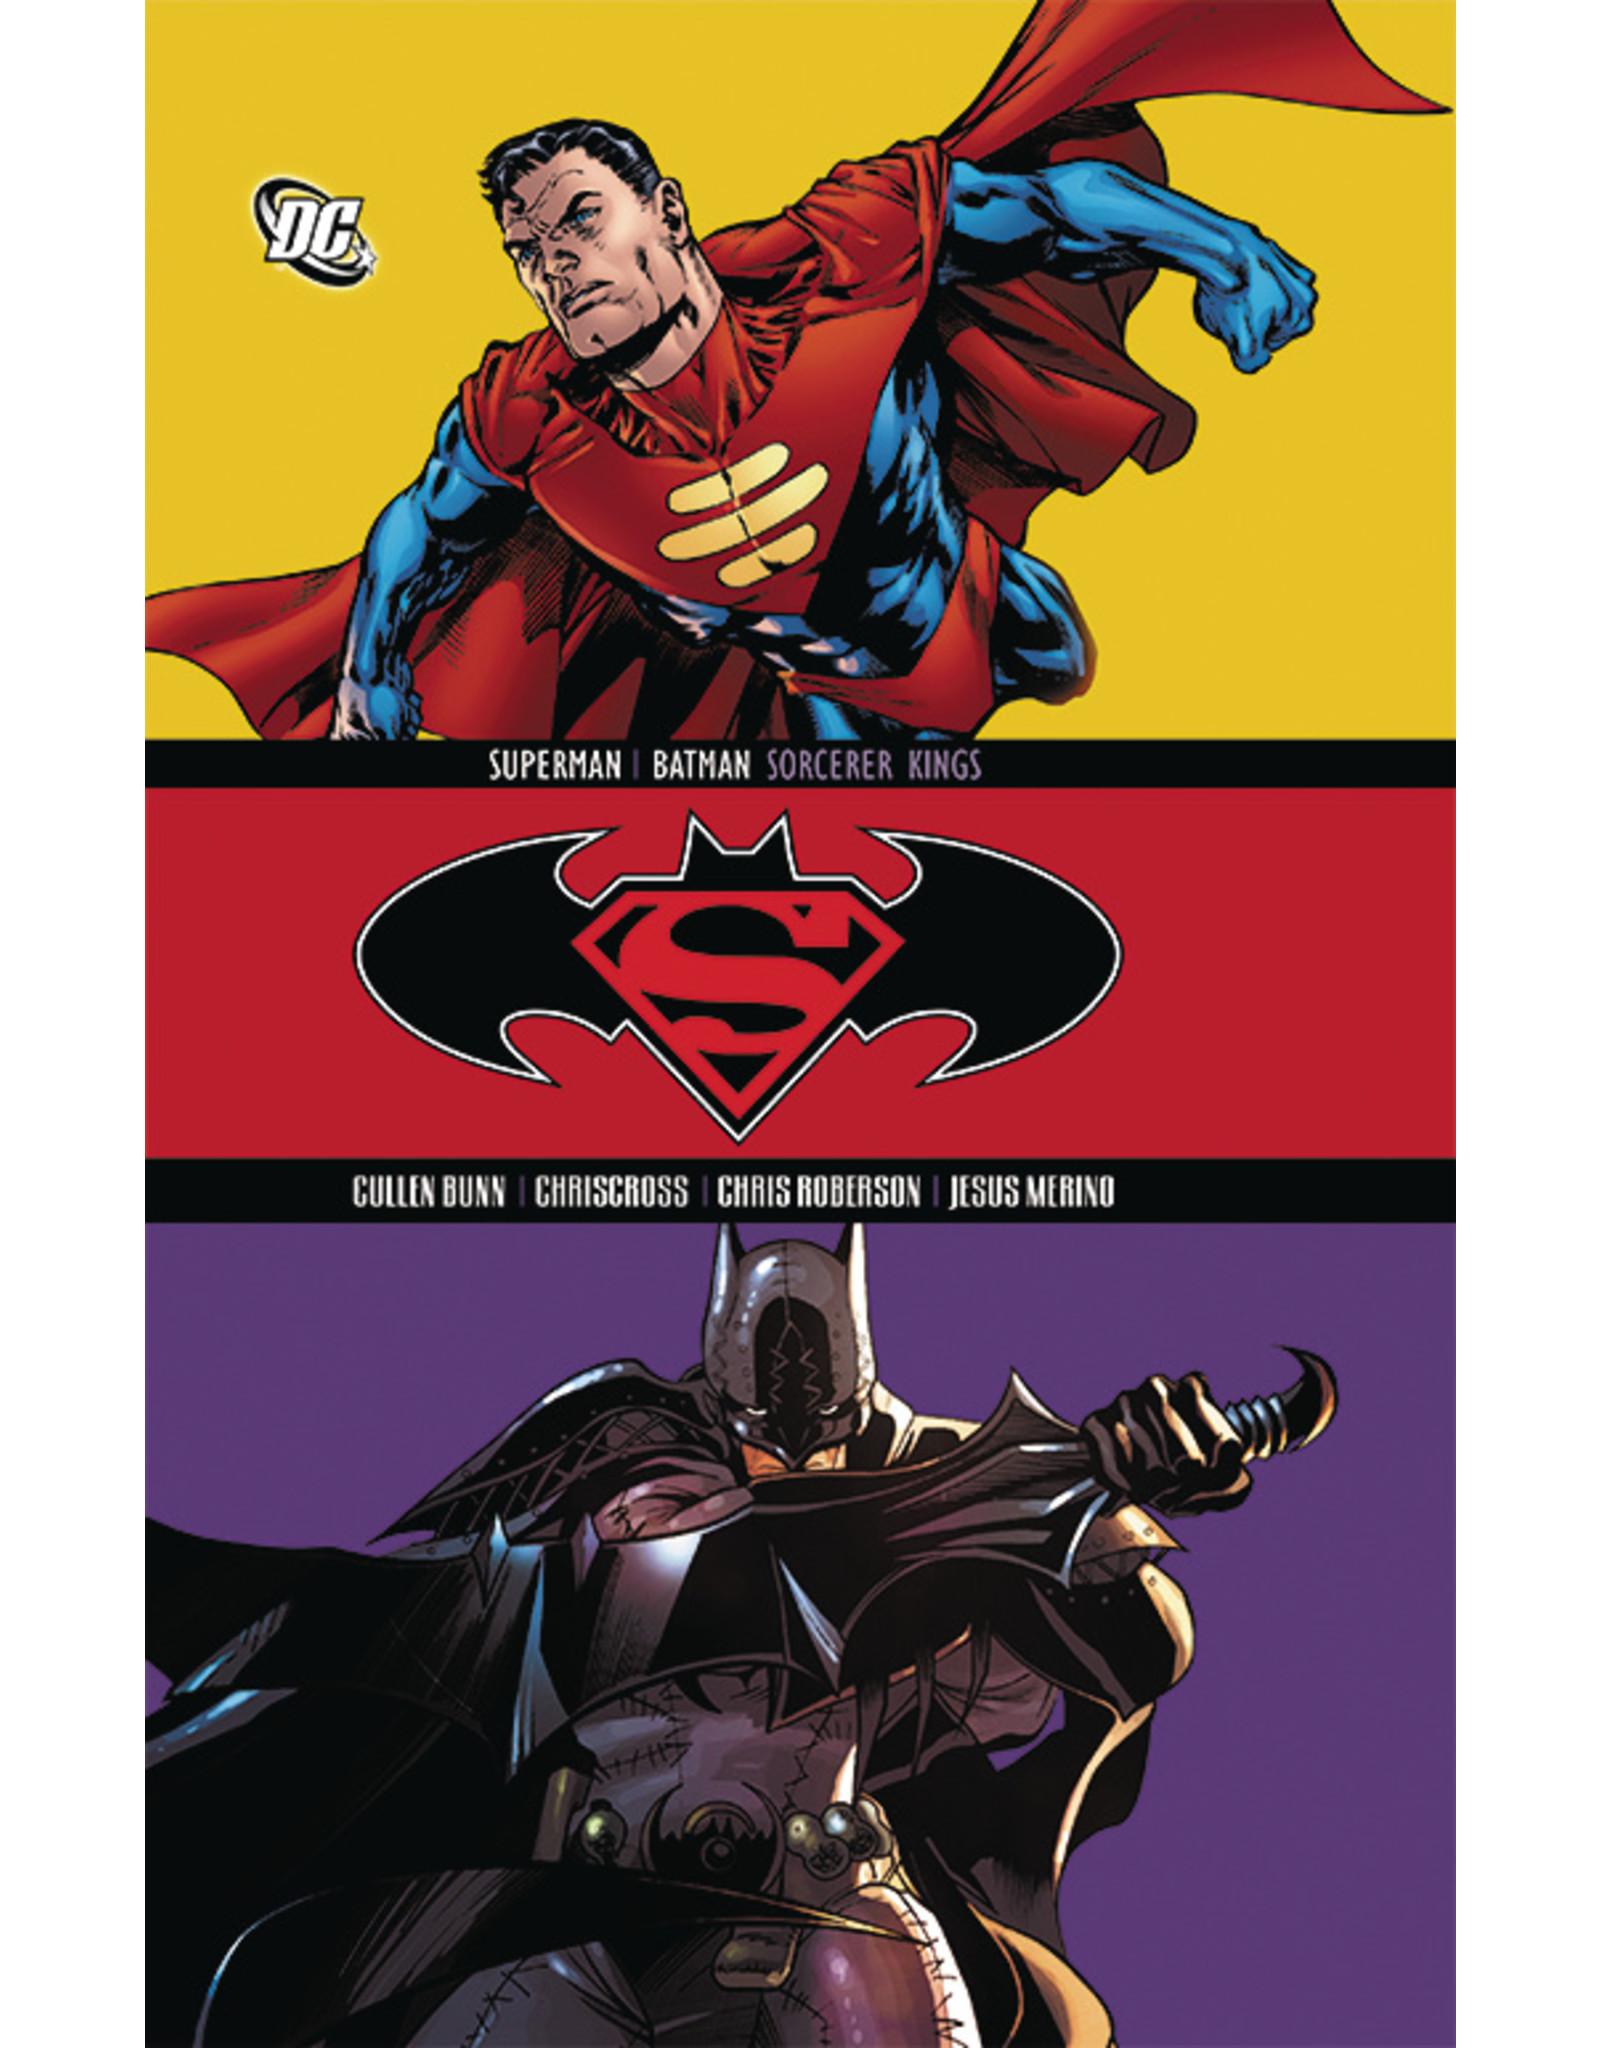 DC COMICS SUPERMAN BATMAN TP VOL 12 SORCERER KINGS